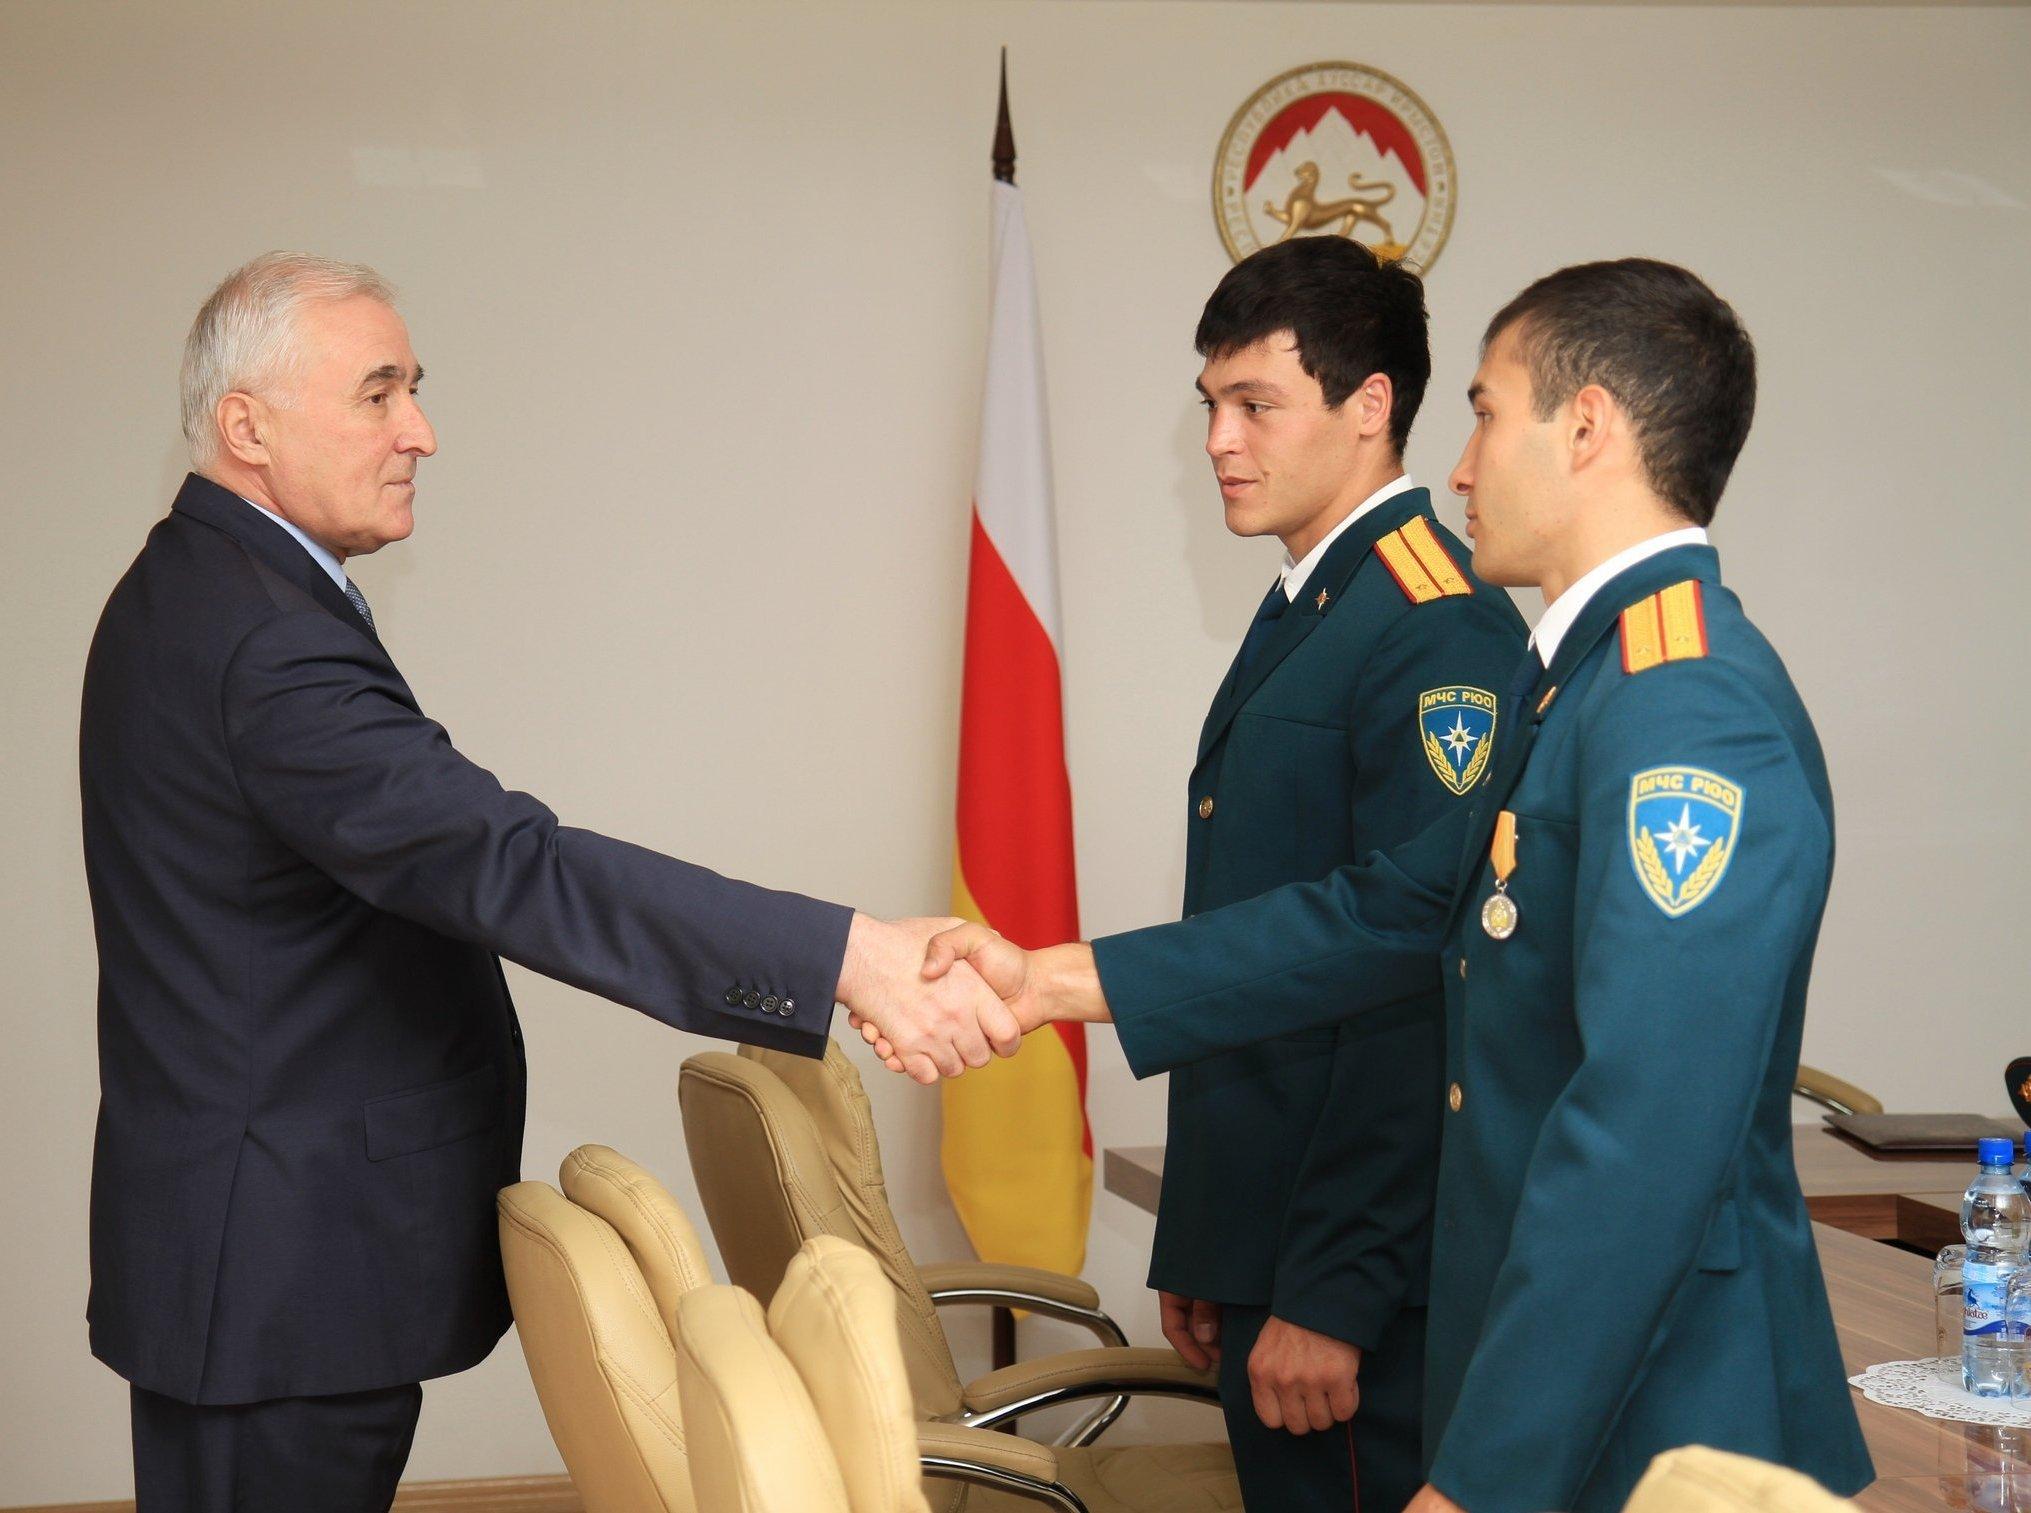 Президент Тибилов встретился с выпускниками вузов МЧС РФ